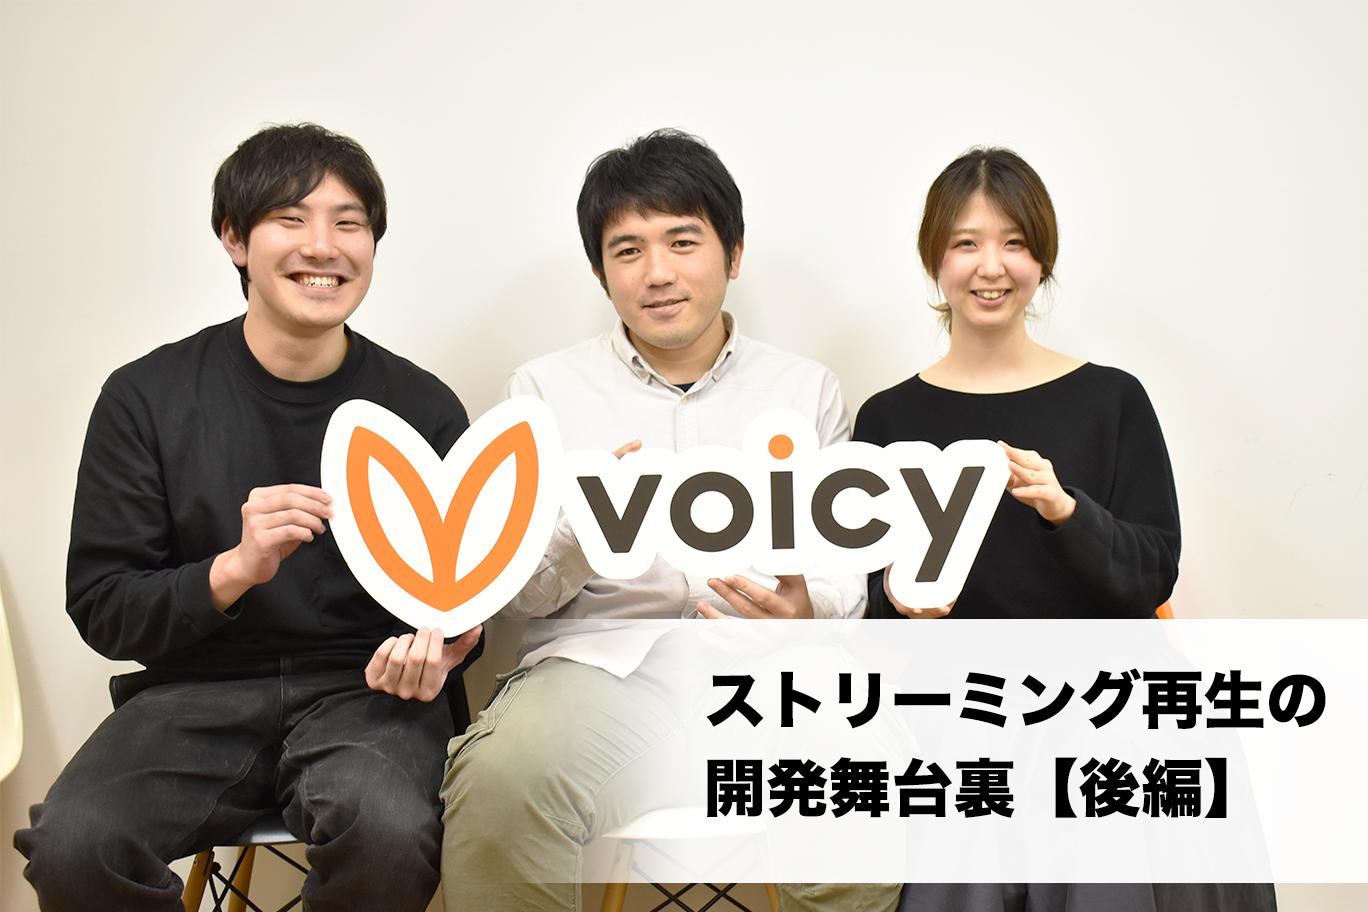 なぜVoicyはダウンロードではなくストリーミング再生なのか?~開発舞台裏~【後編】